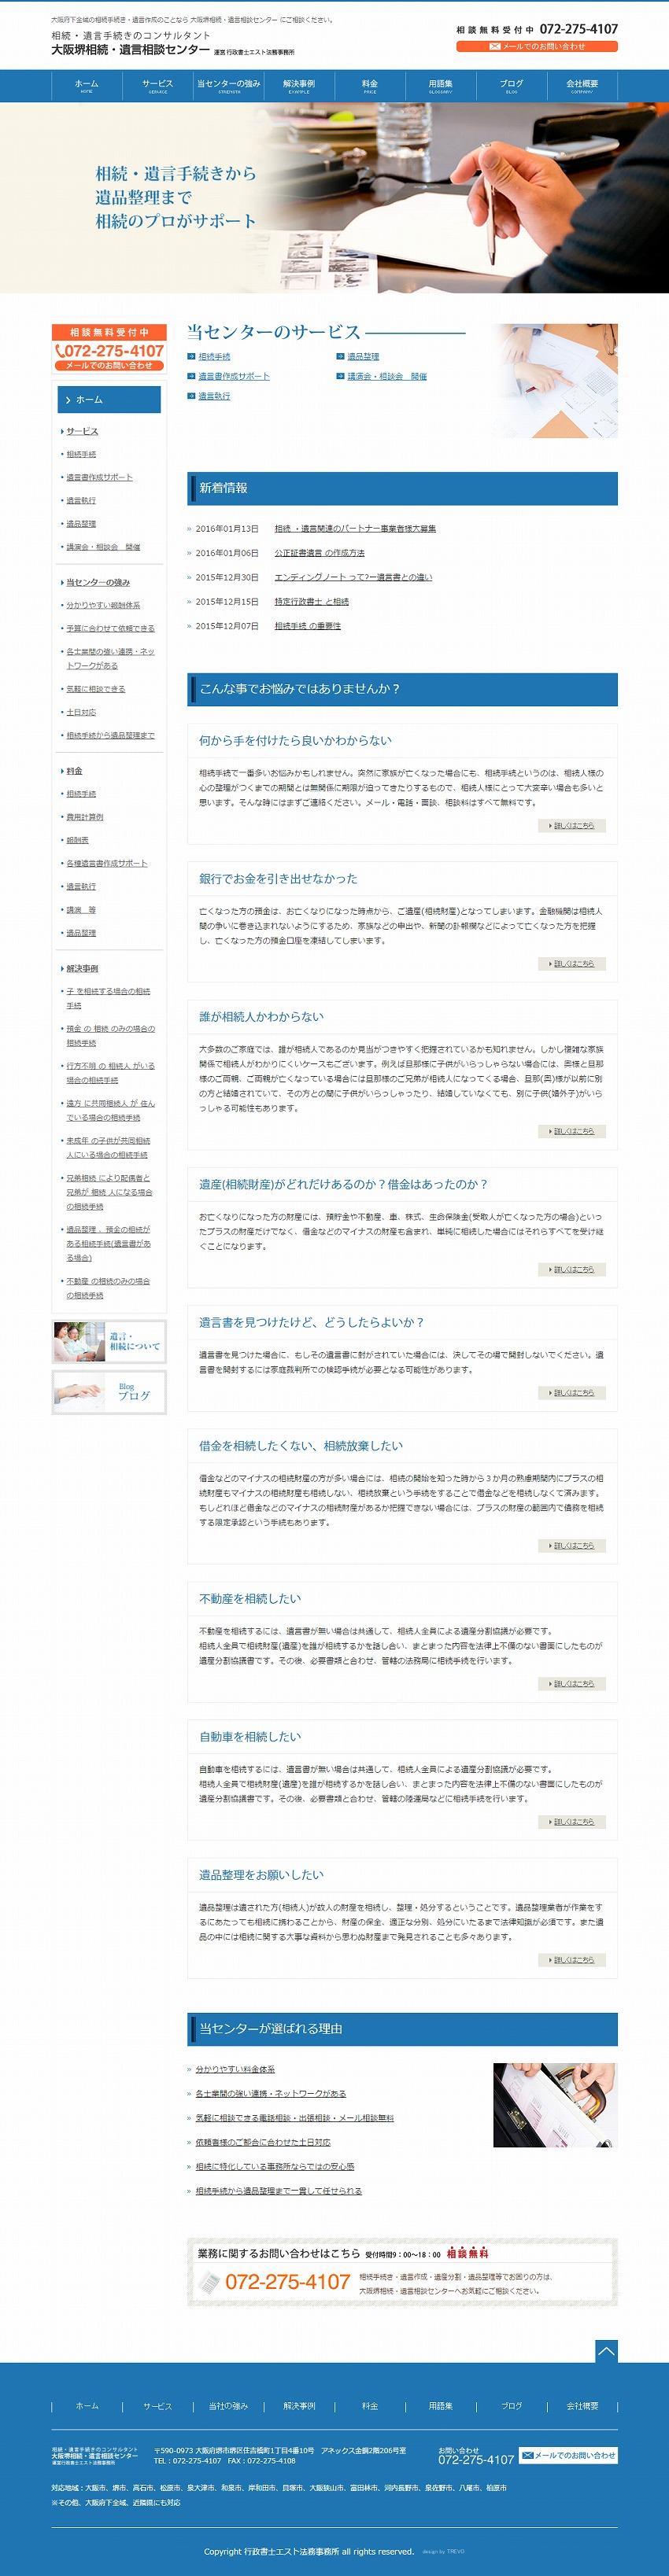 行政書士エスト様 大阪堺相続・遺言相談センター